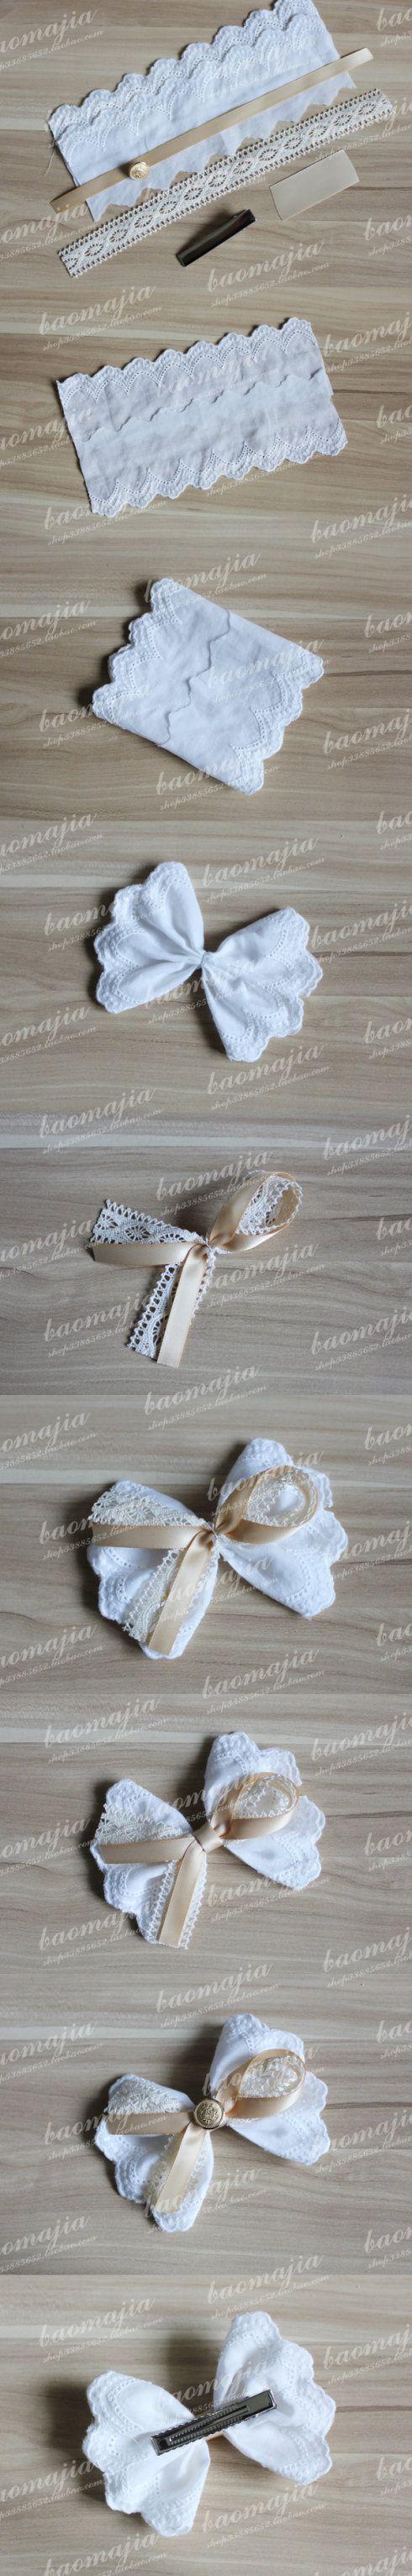 bordado inglês laço